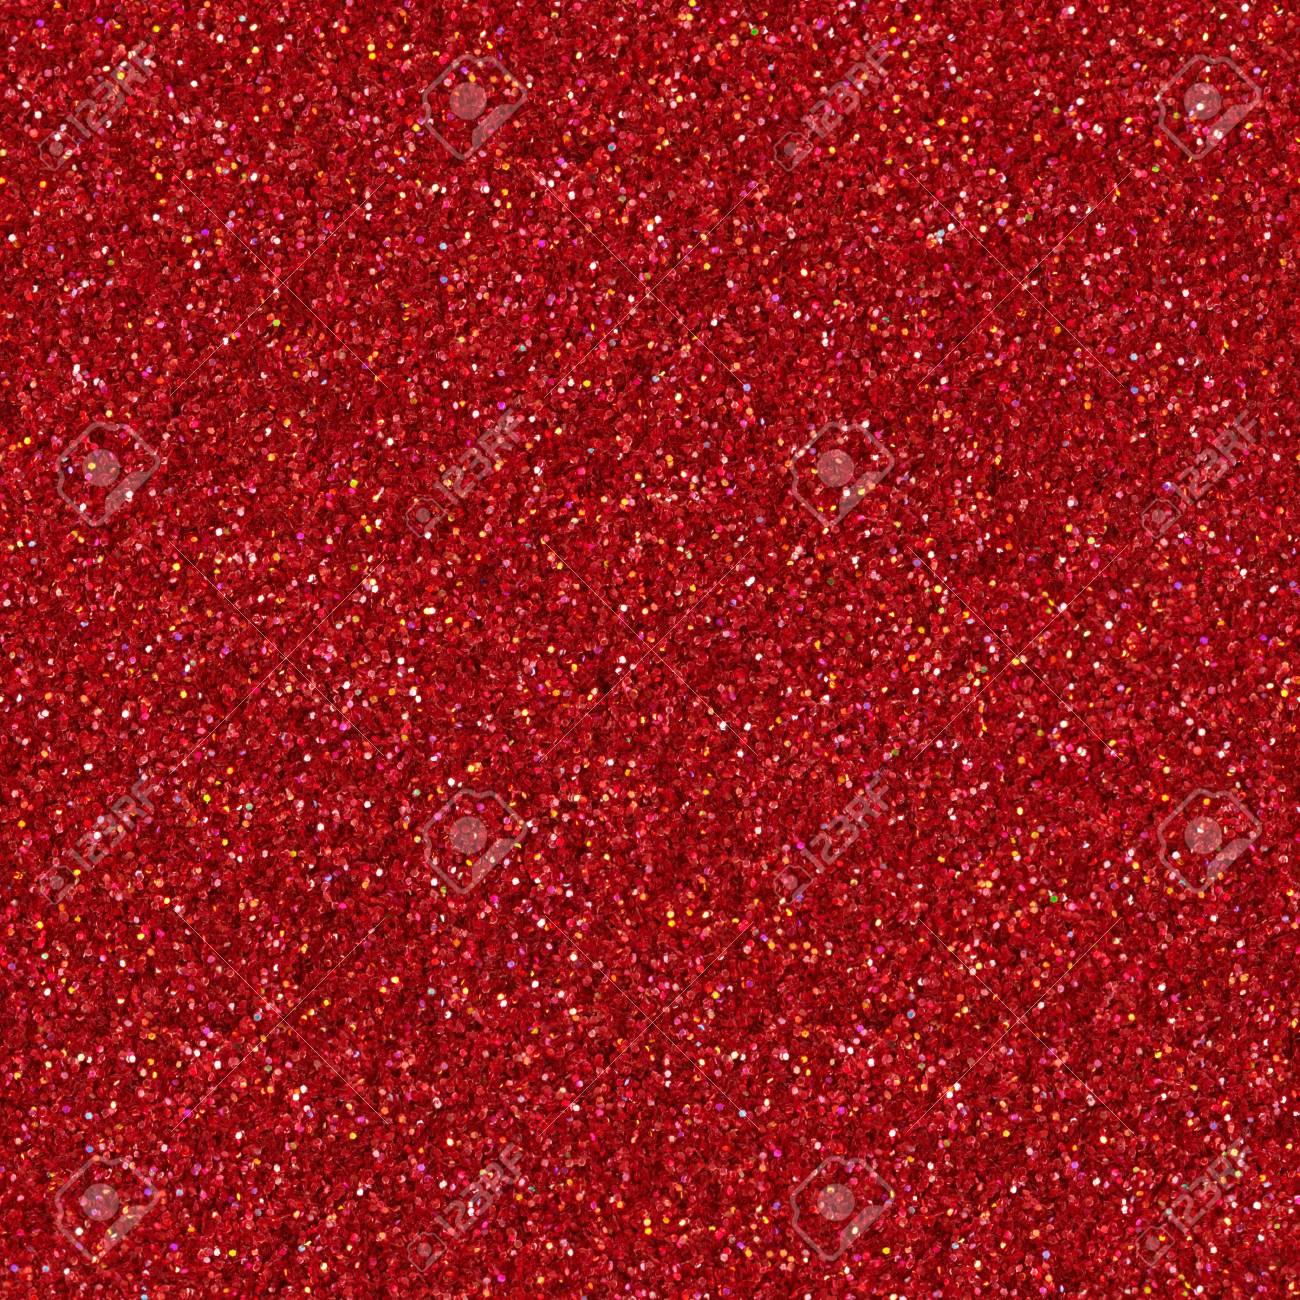 Immagini Stock Sfondo Rosso Glitter Struttura Quadrata Senza